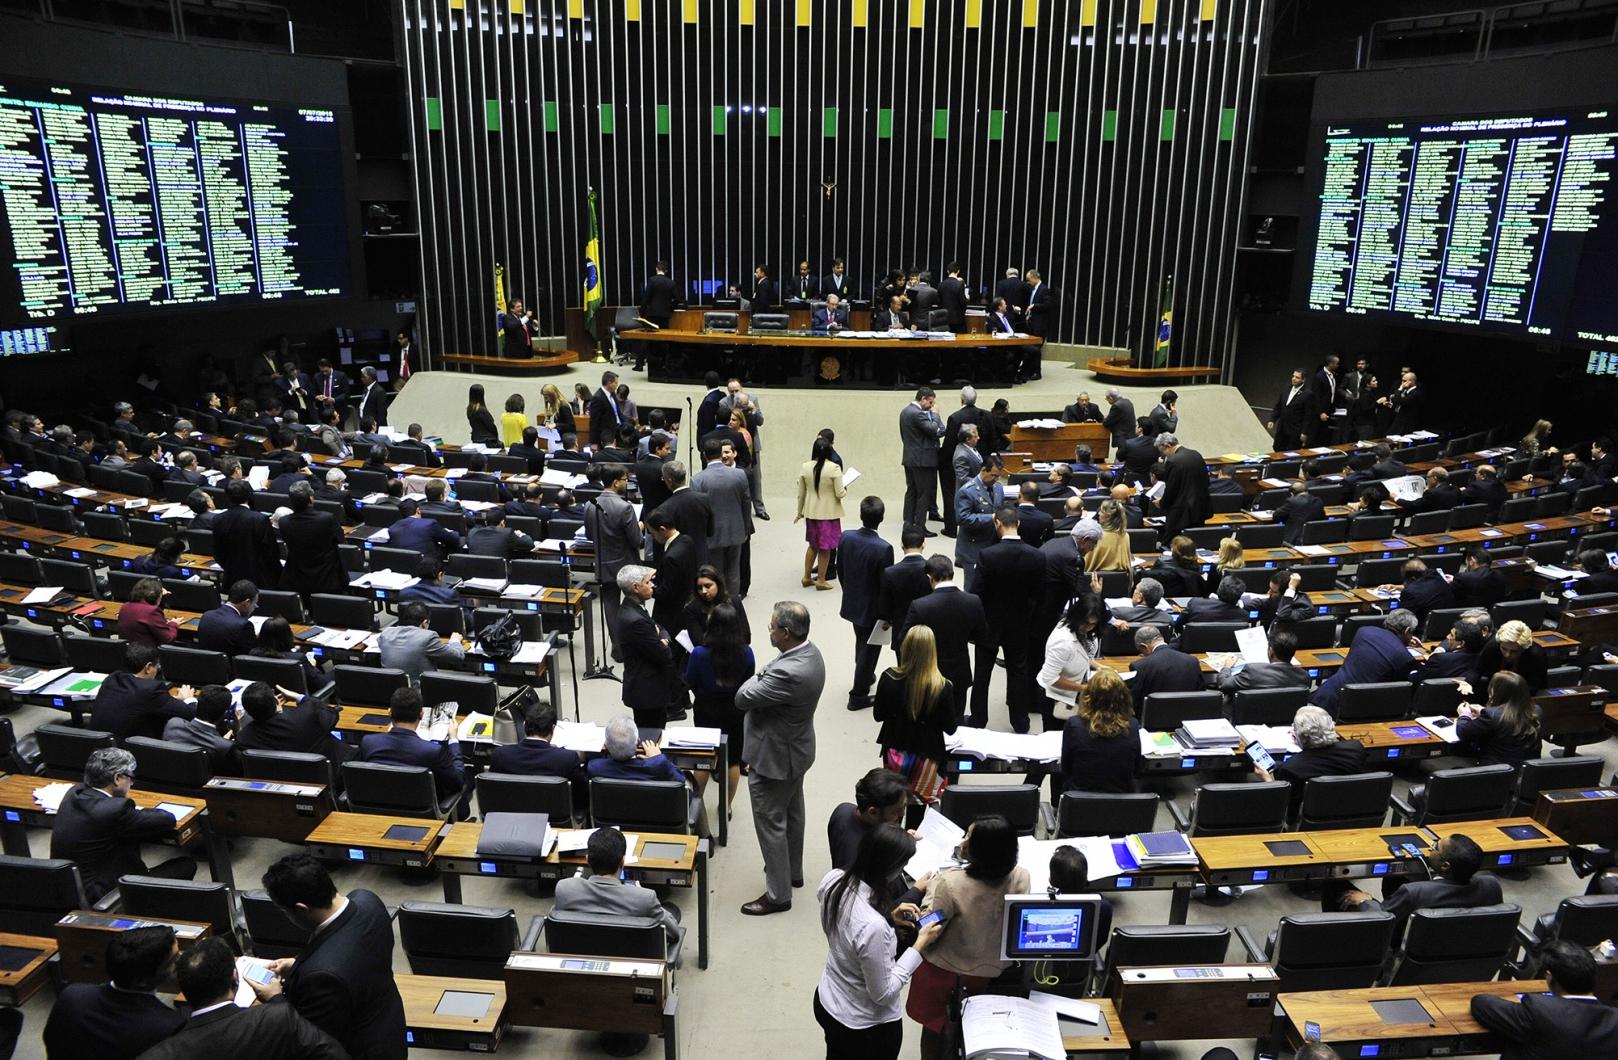 Câmara terá semana movimentada com o processo de impeachment